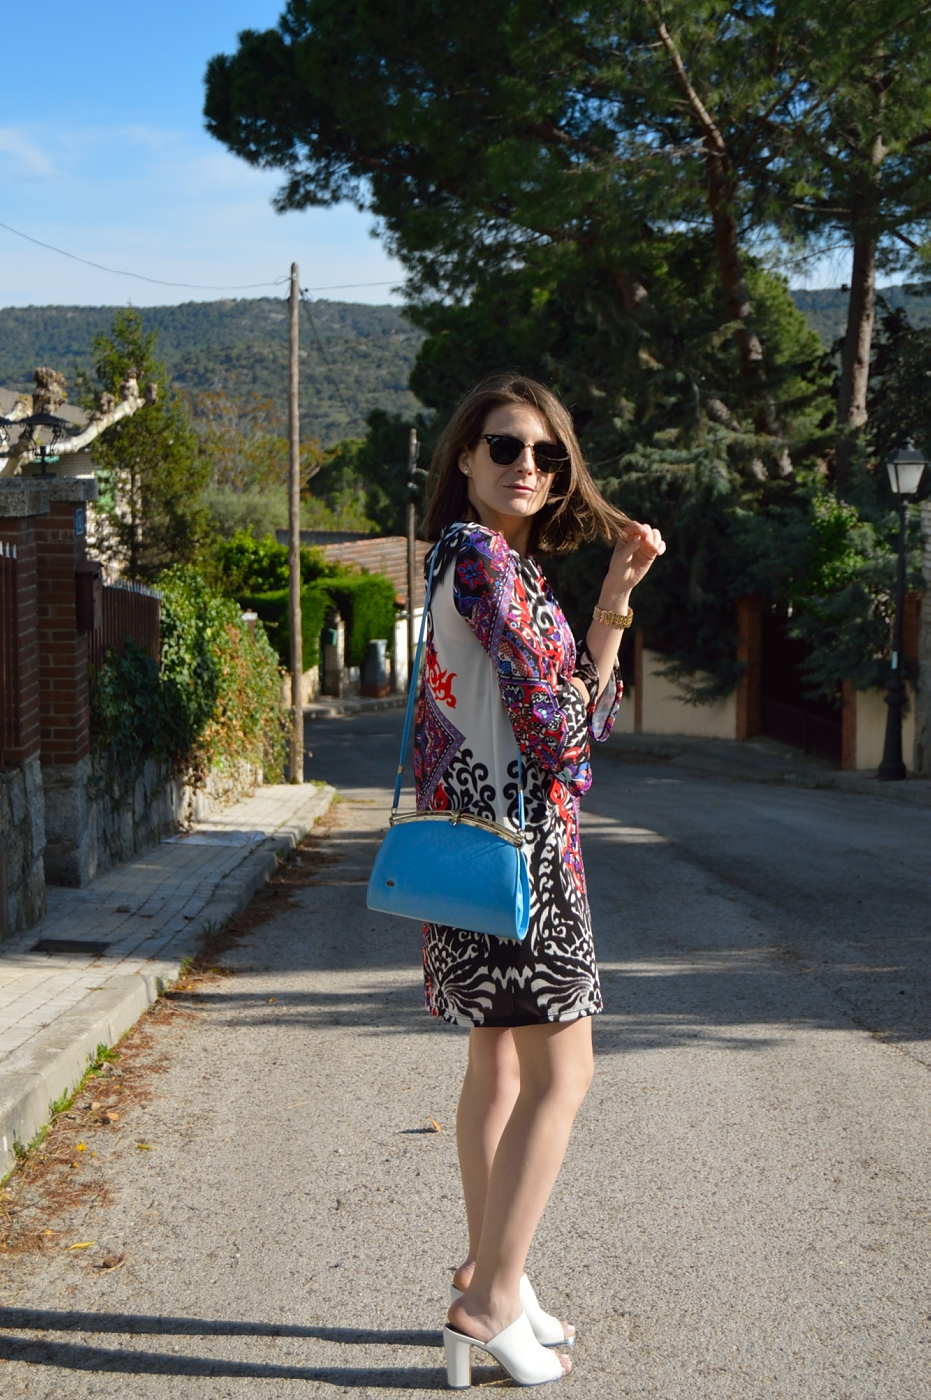 lara-vazquez-mad-lula-style-fashion-blog-style-girl-dress-spring-outfit